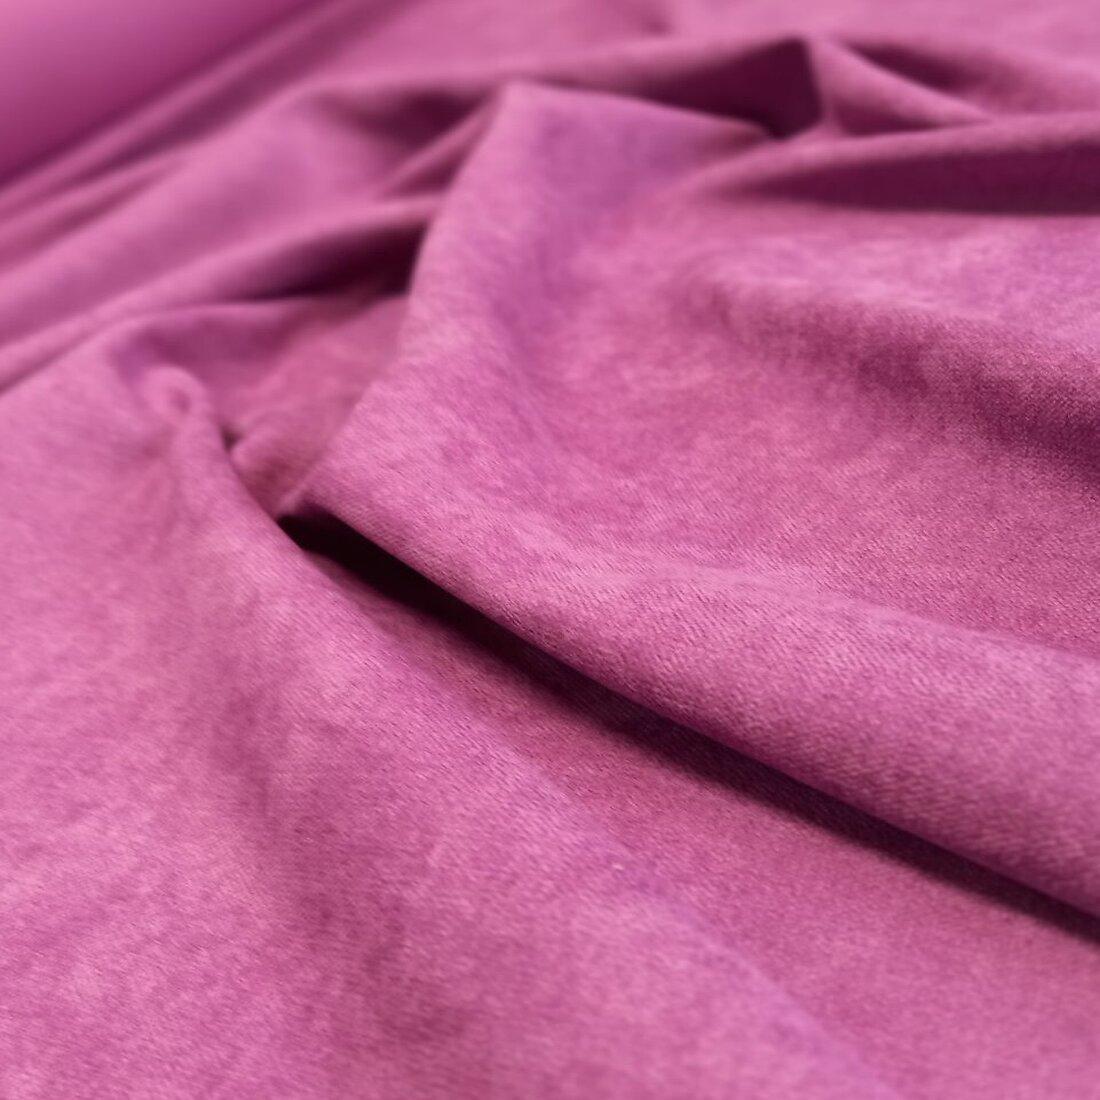 Мебельная ткань Enjoy 16 Fuchsia, микрофибра